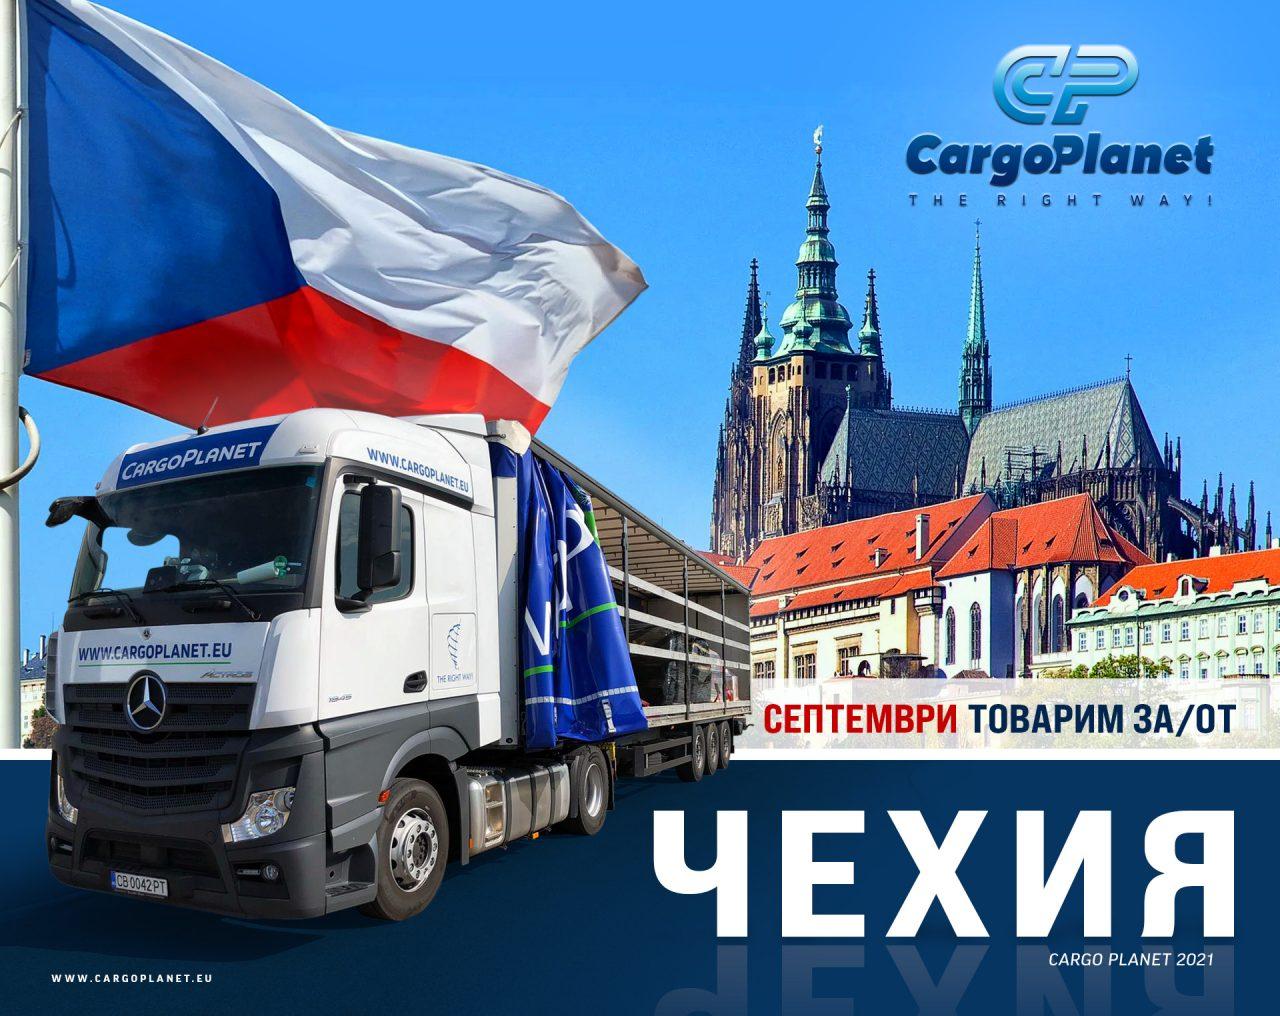 Месец на Чехия с CargoPlanet – бирата като култ и бума на индустриални имоти